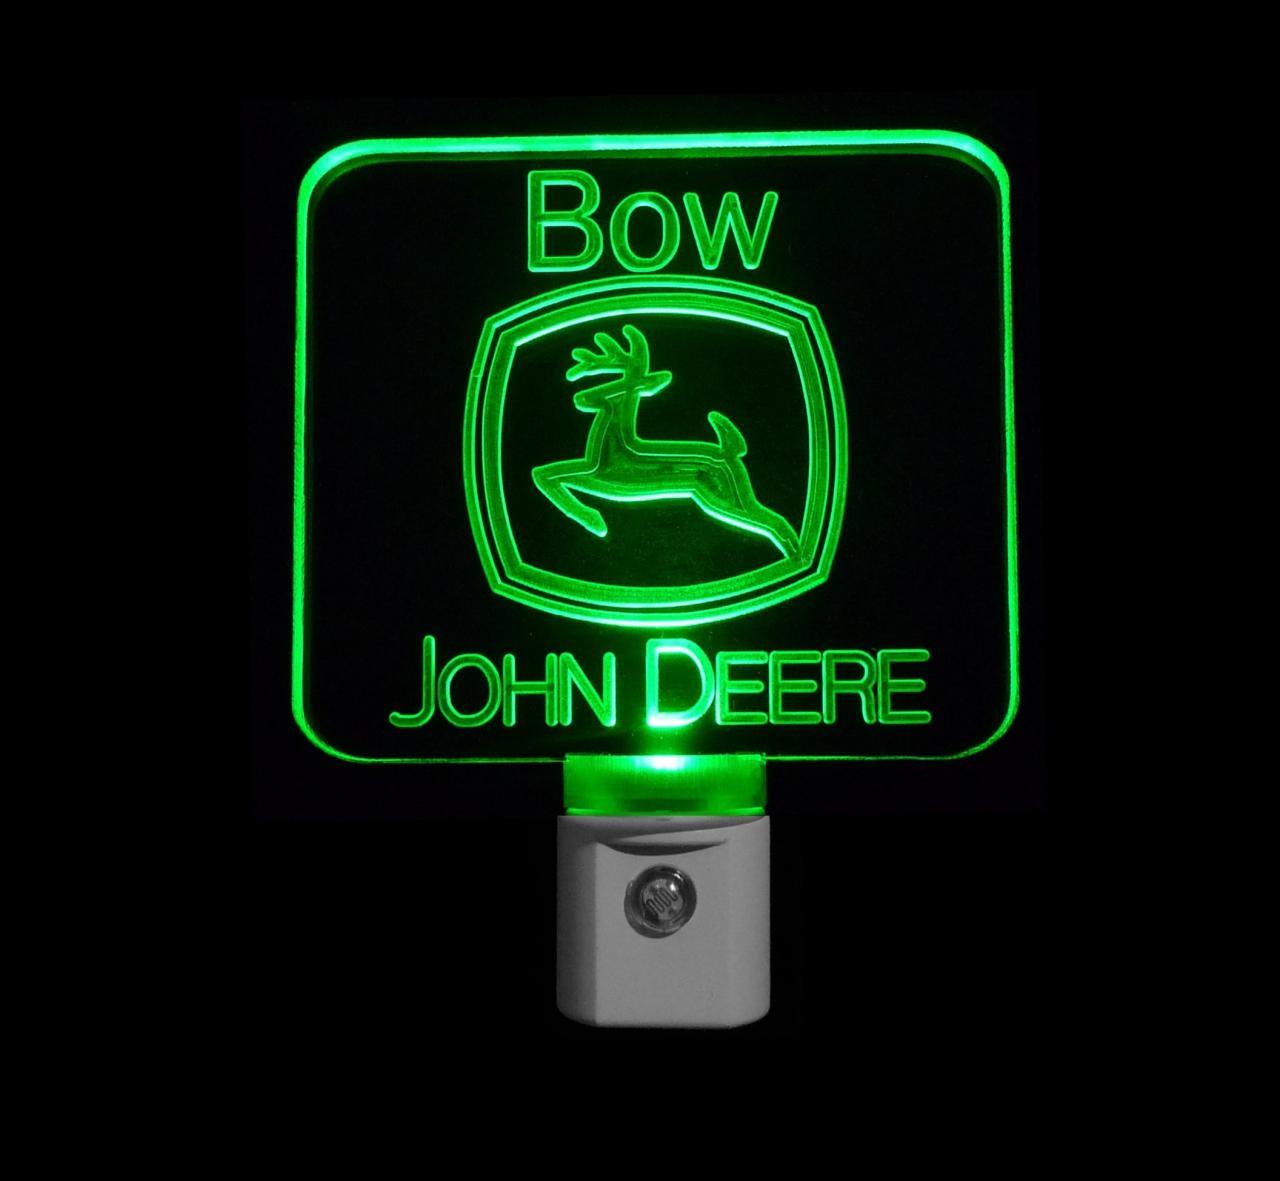 John Deere Motion Lamp : John deere lamps magnificent of new era warisan